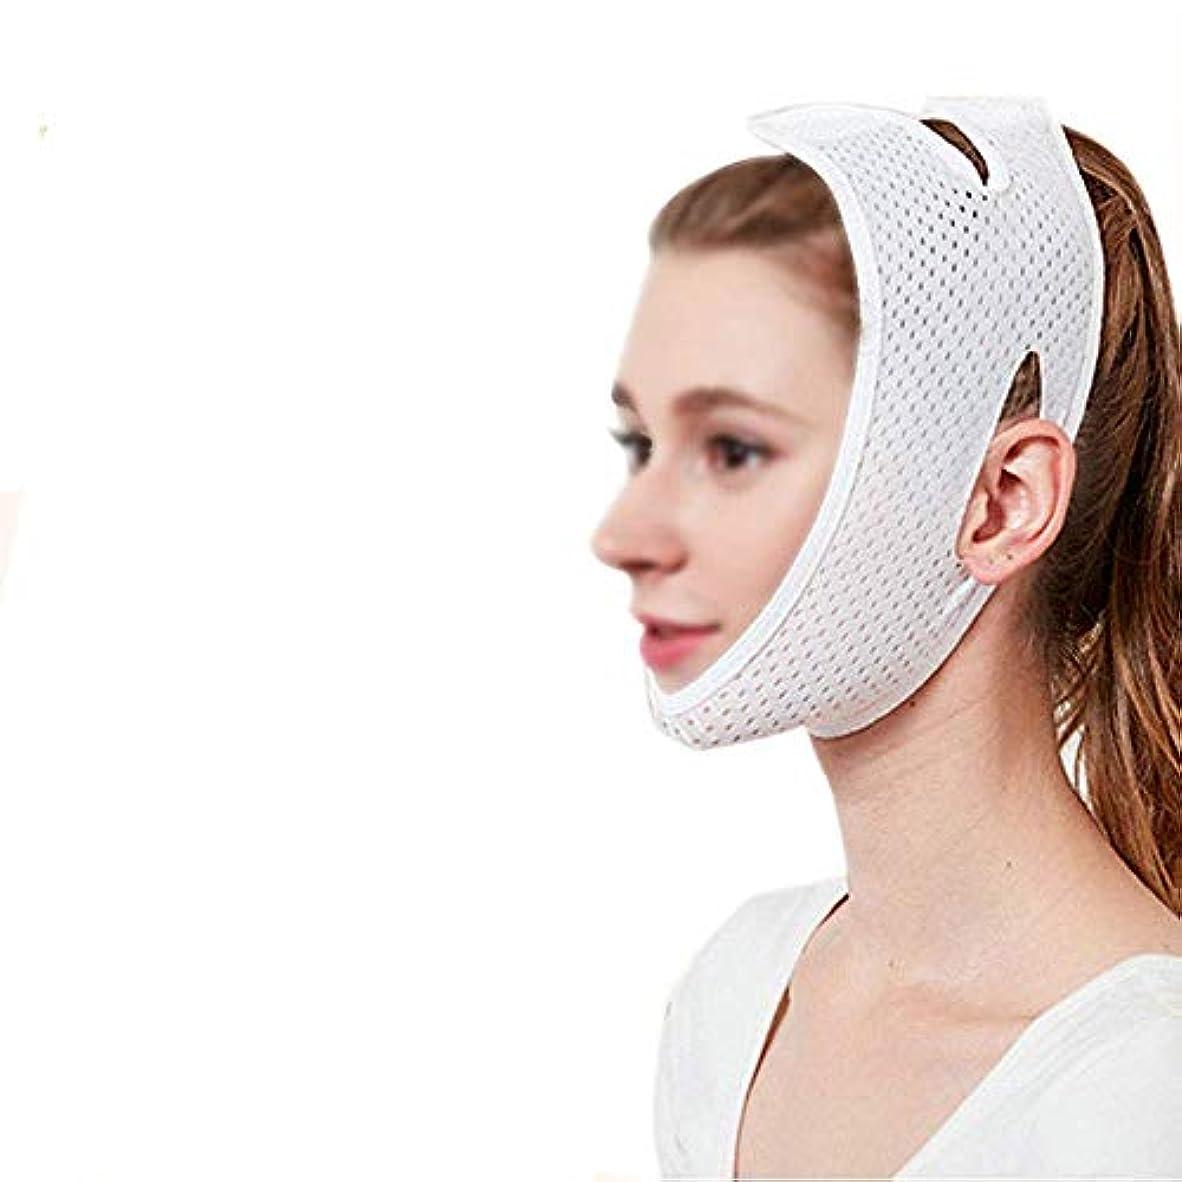 砂漠スイ肉腫薄型フェイスベルト、V字絆創膏ダブルマスクあご取り法用マスクリフティングファーミングスリーピングマスク(カラー:ホワイト),白